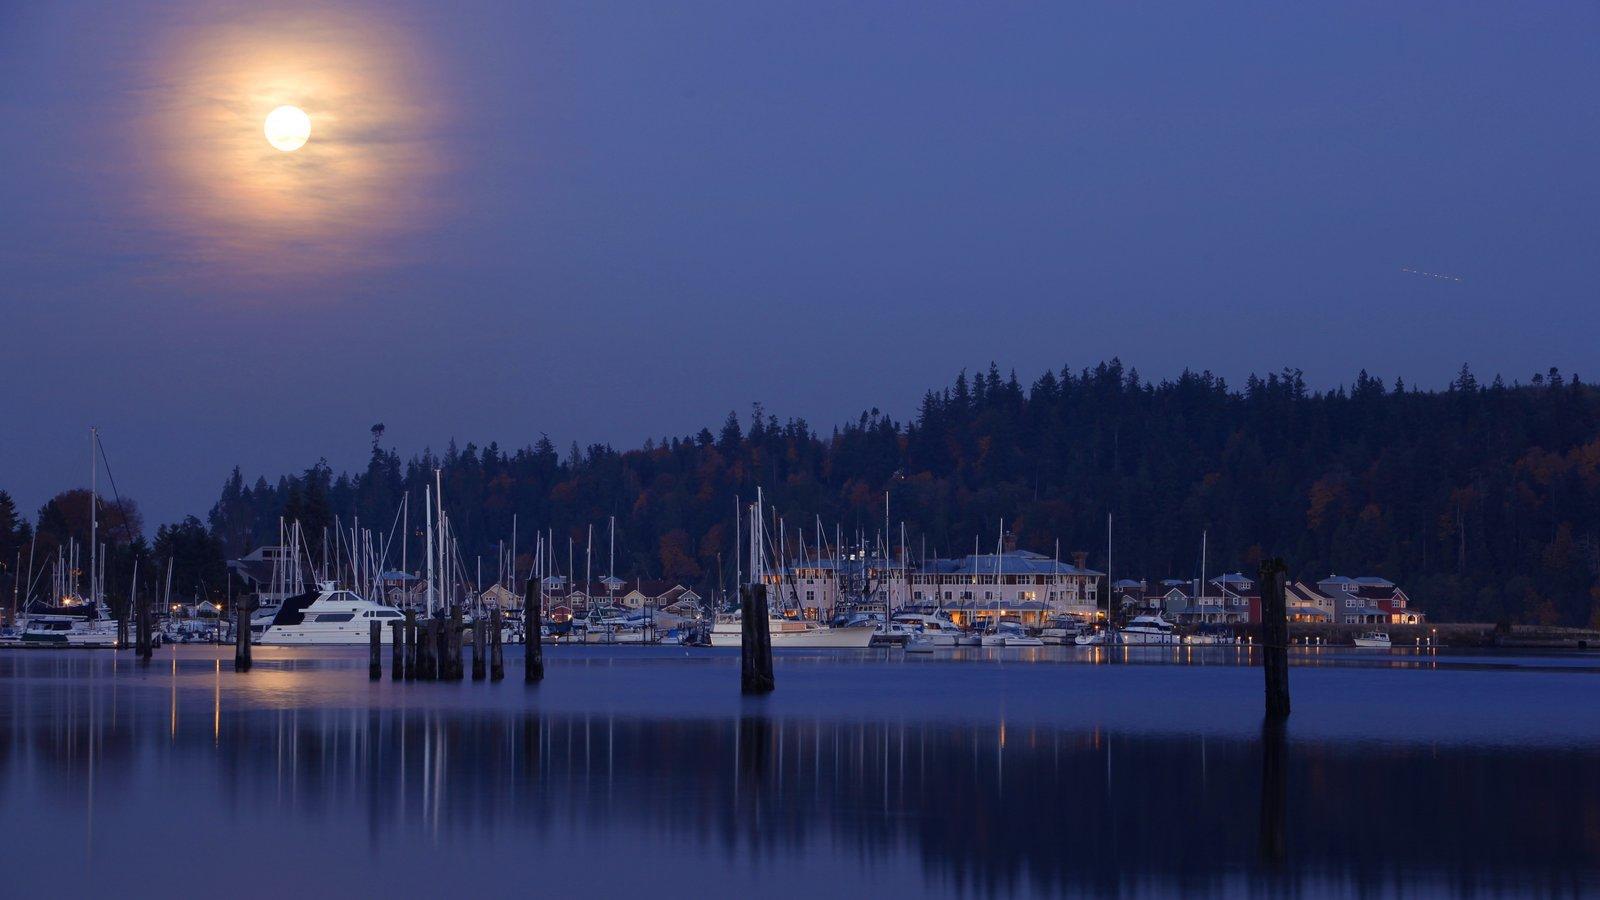 Washington que incluye una marina, escenas nocturnas y una bahía o puerto